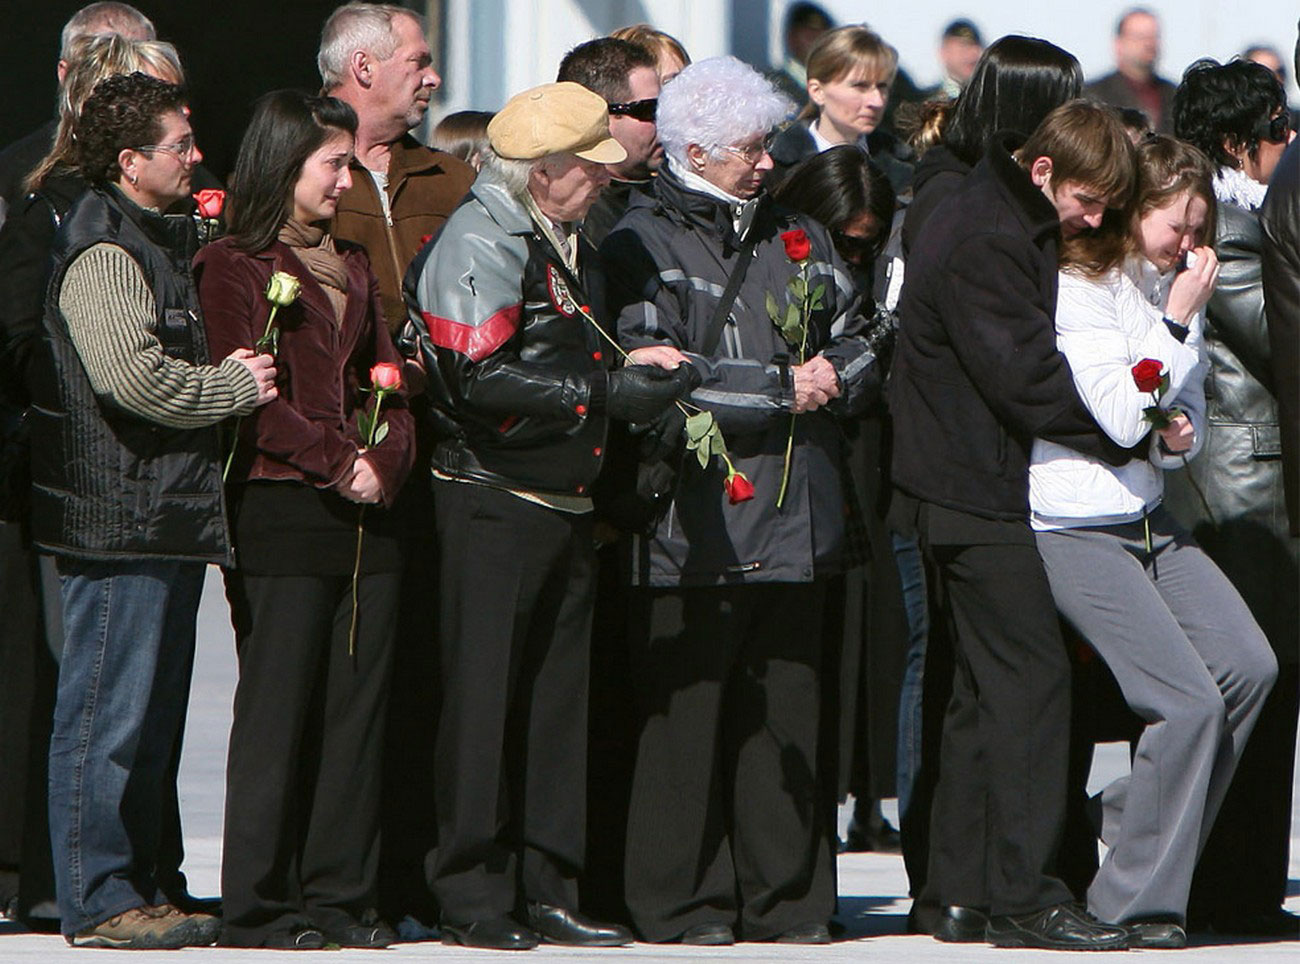 церемония репатриации в Онтарио, фото войны